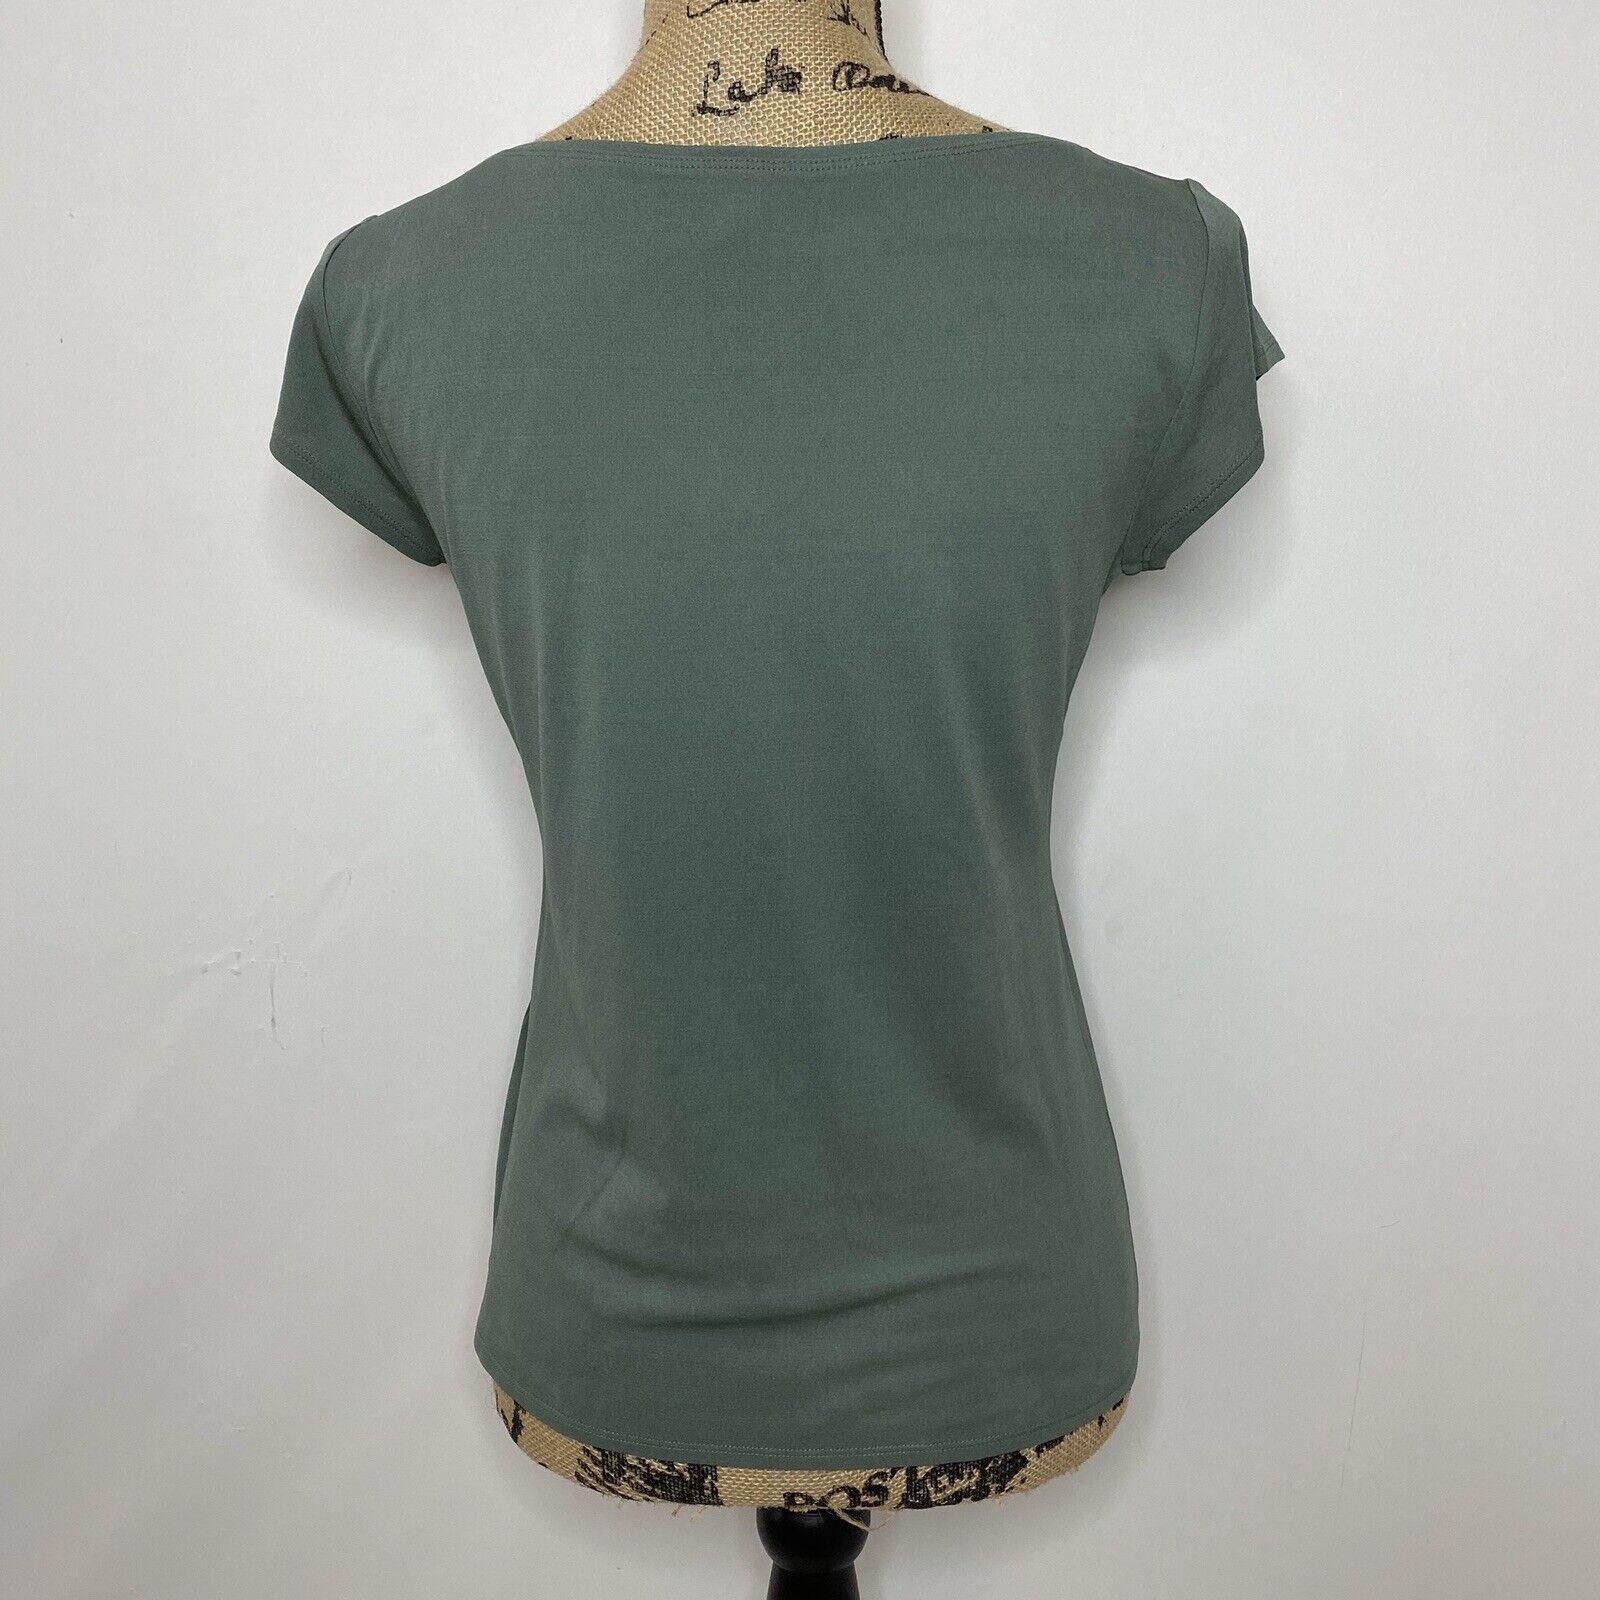 Eileen Fisher Silk Top XS Green Short Sleeve Shirt - image 5